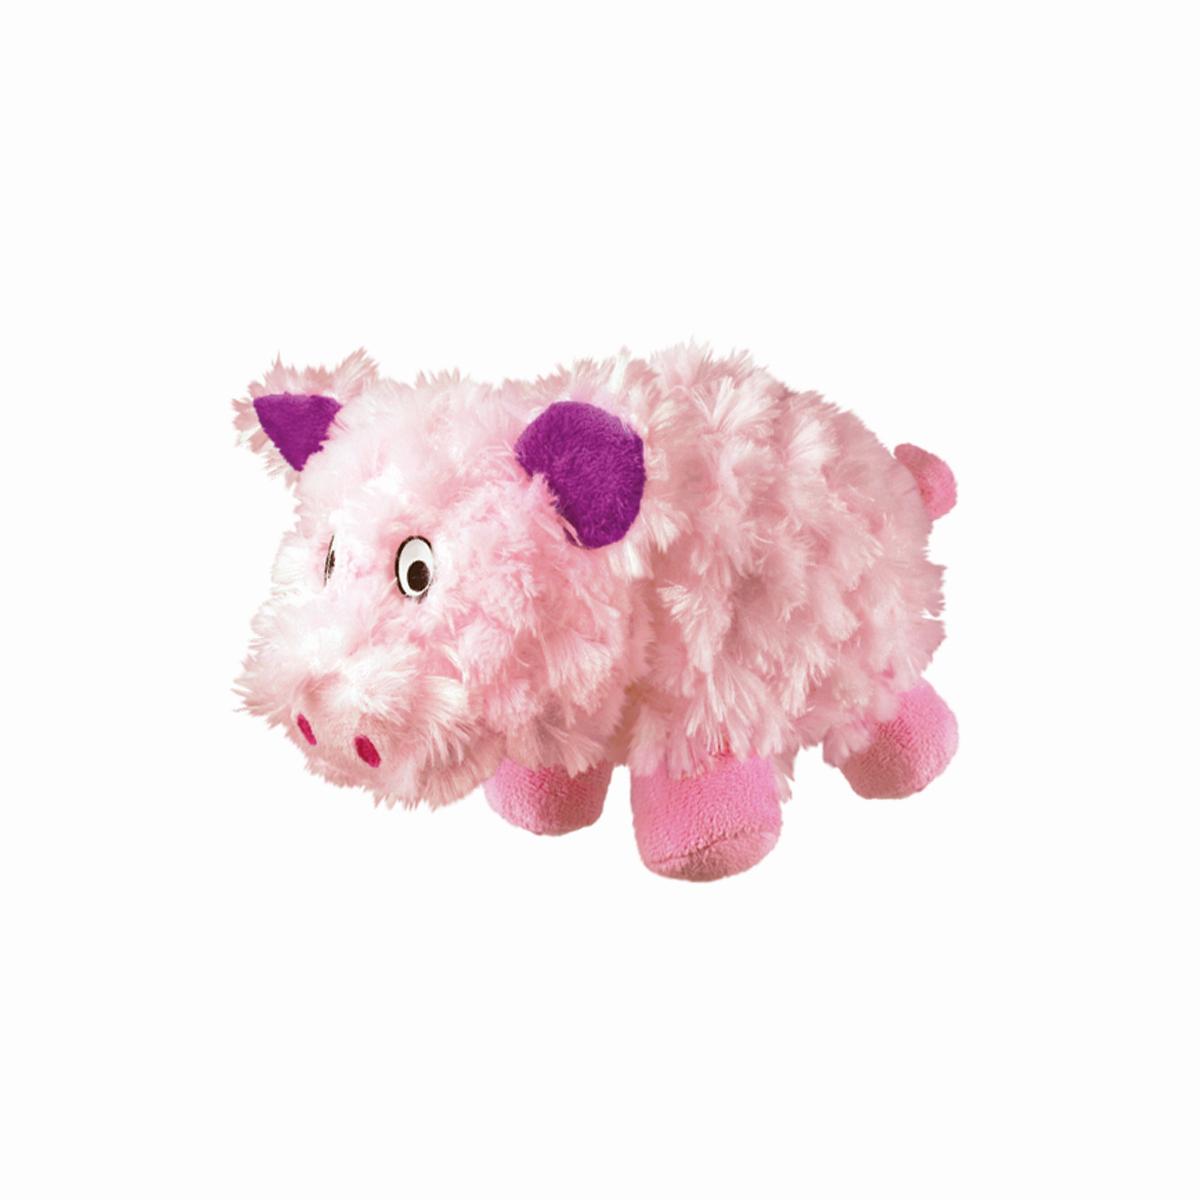 KO BARNYARD CRUNCHEEZ PIG L 00001